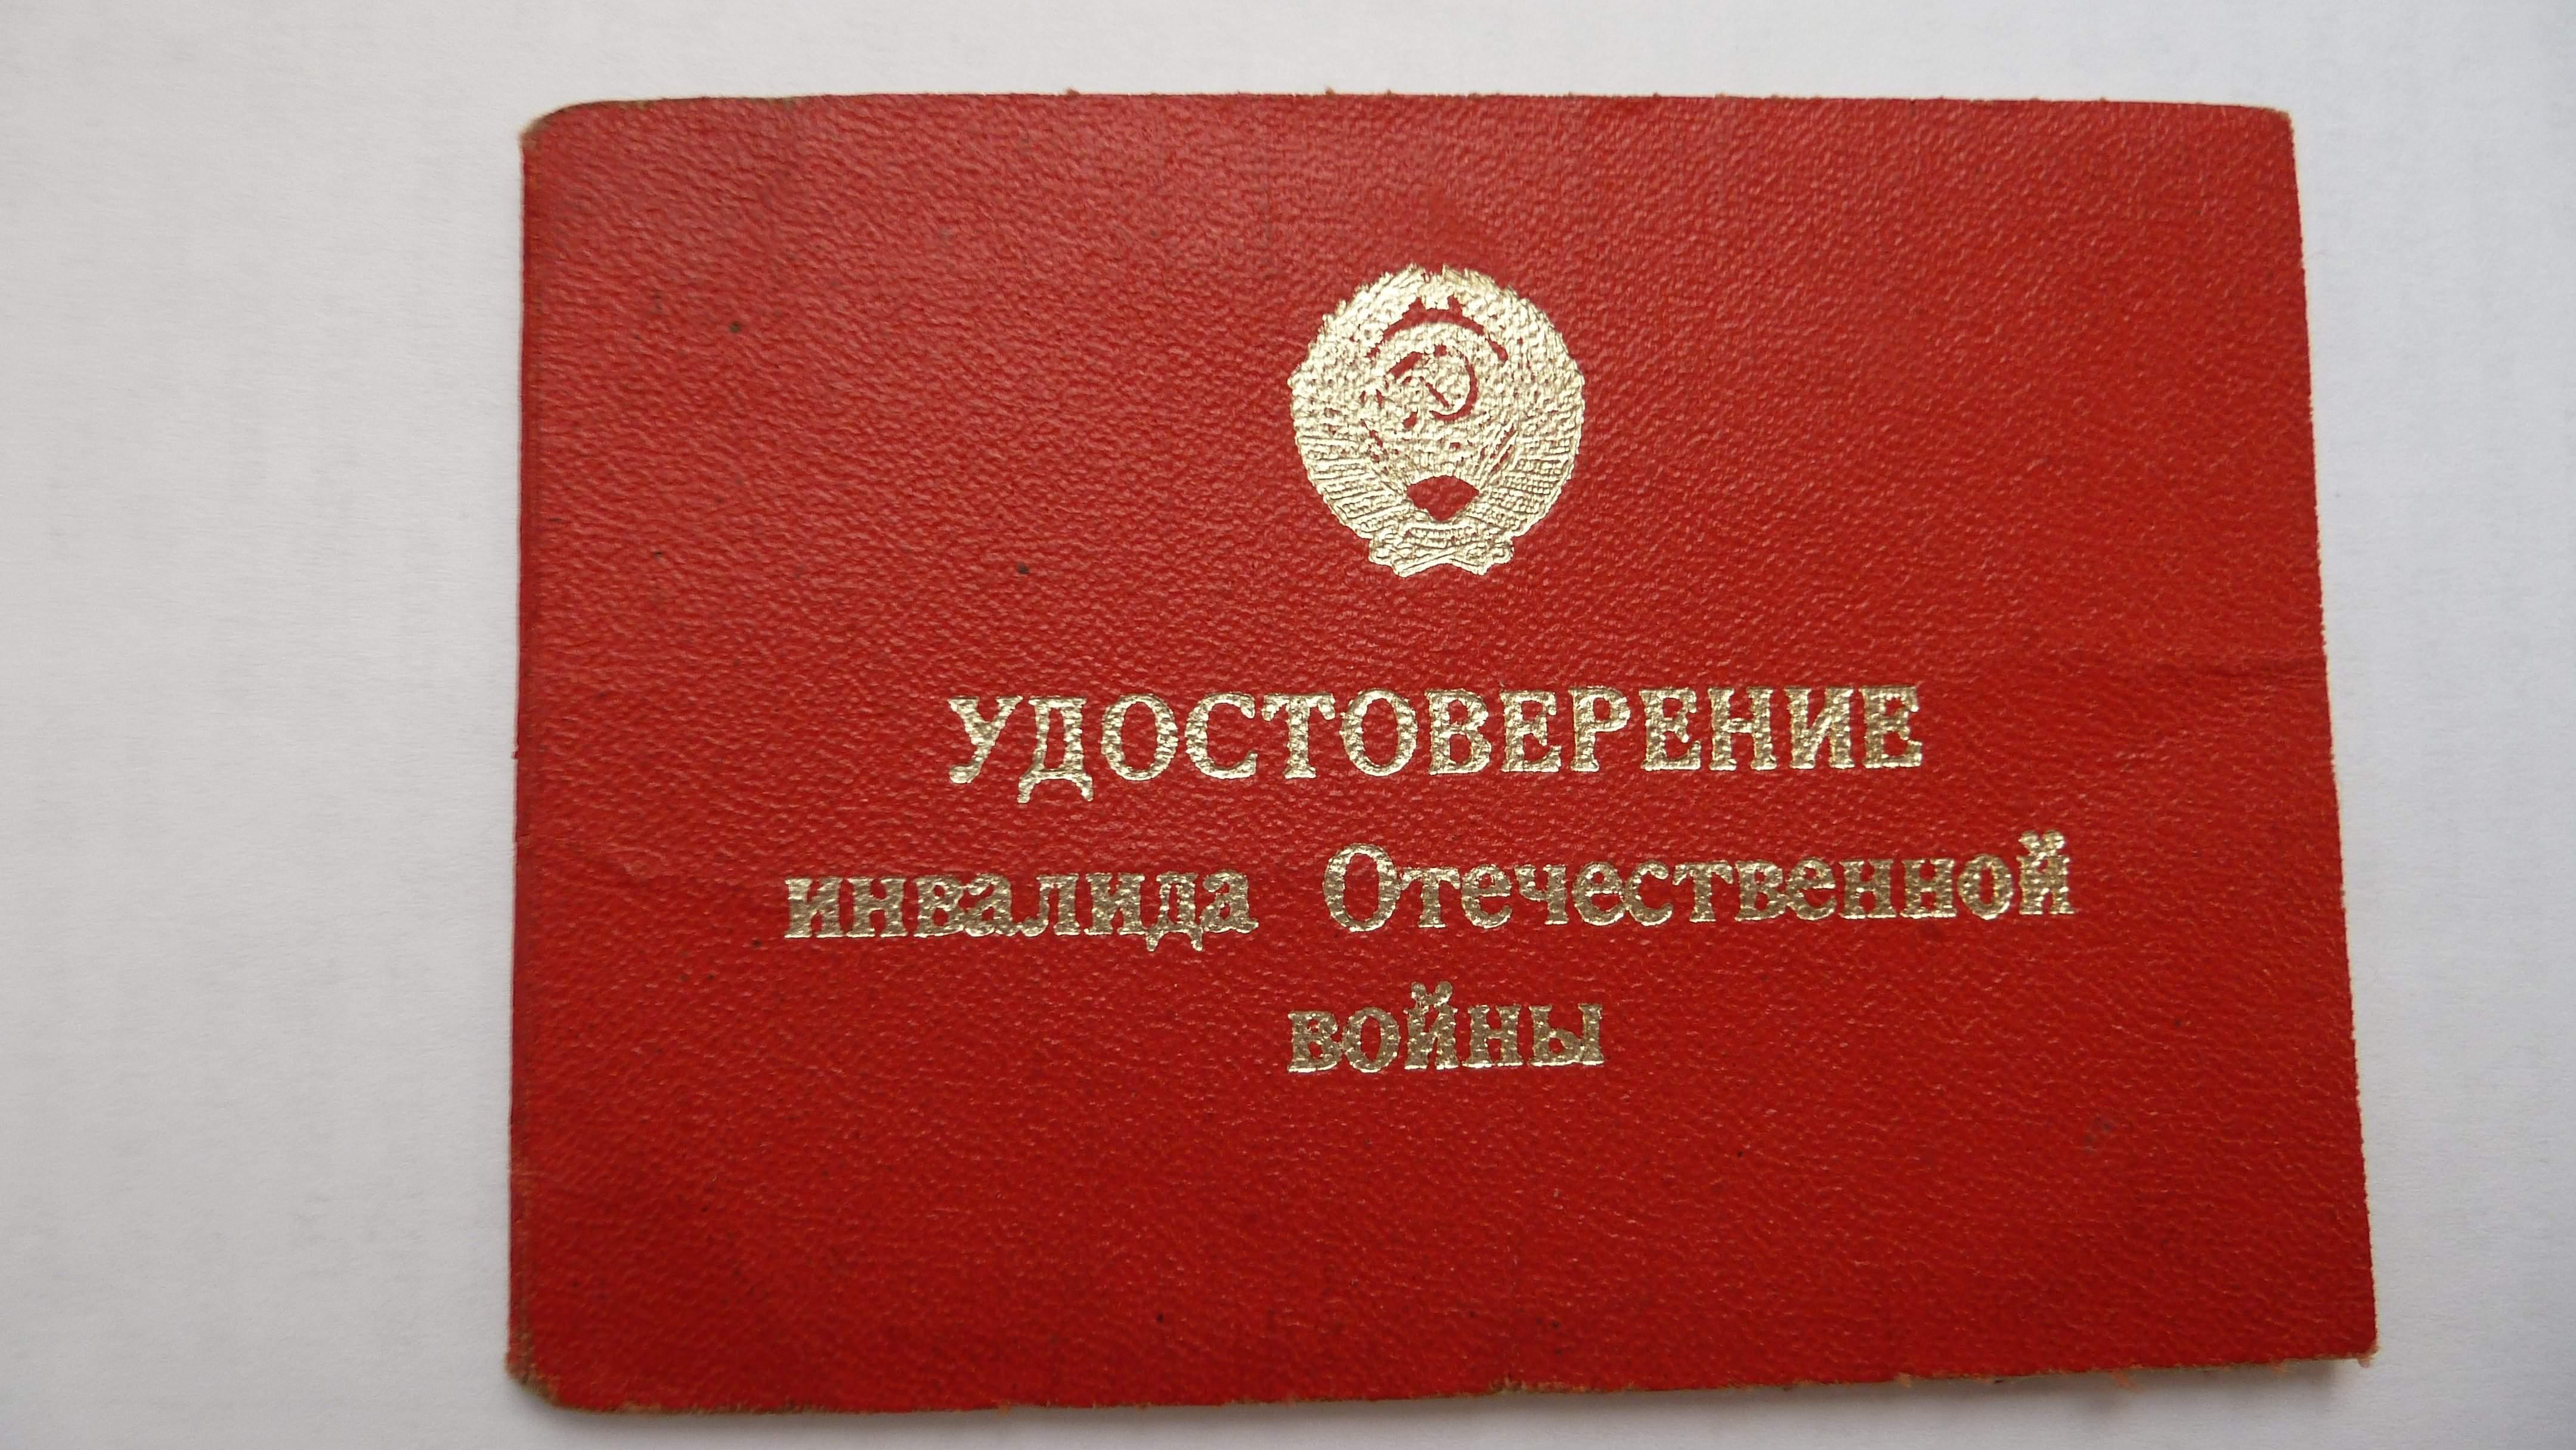 Документальный фильм абхазского телеканала box2 о войне в абхазии1992